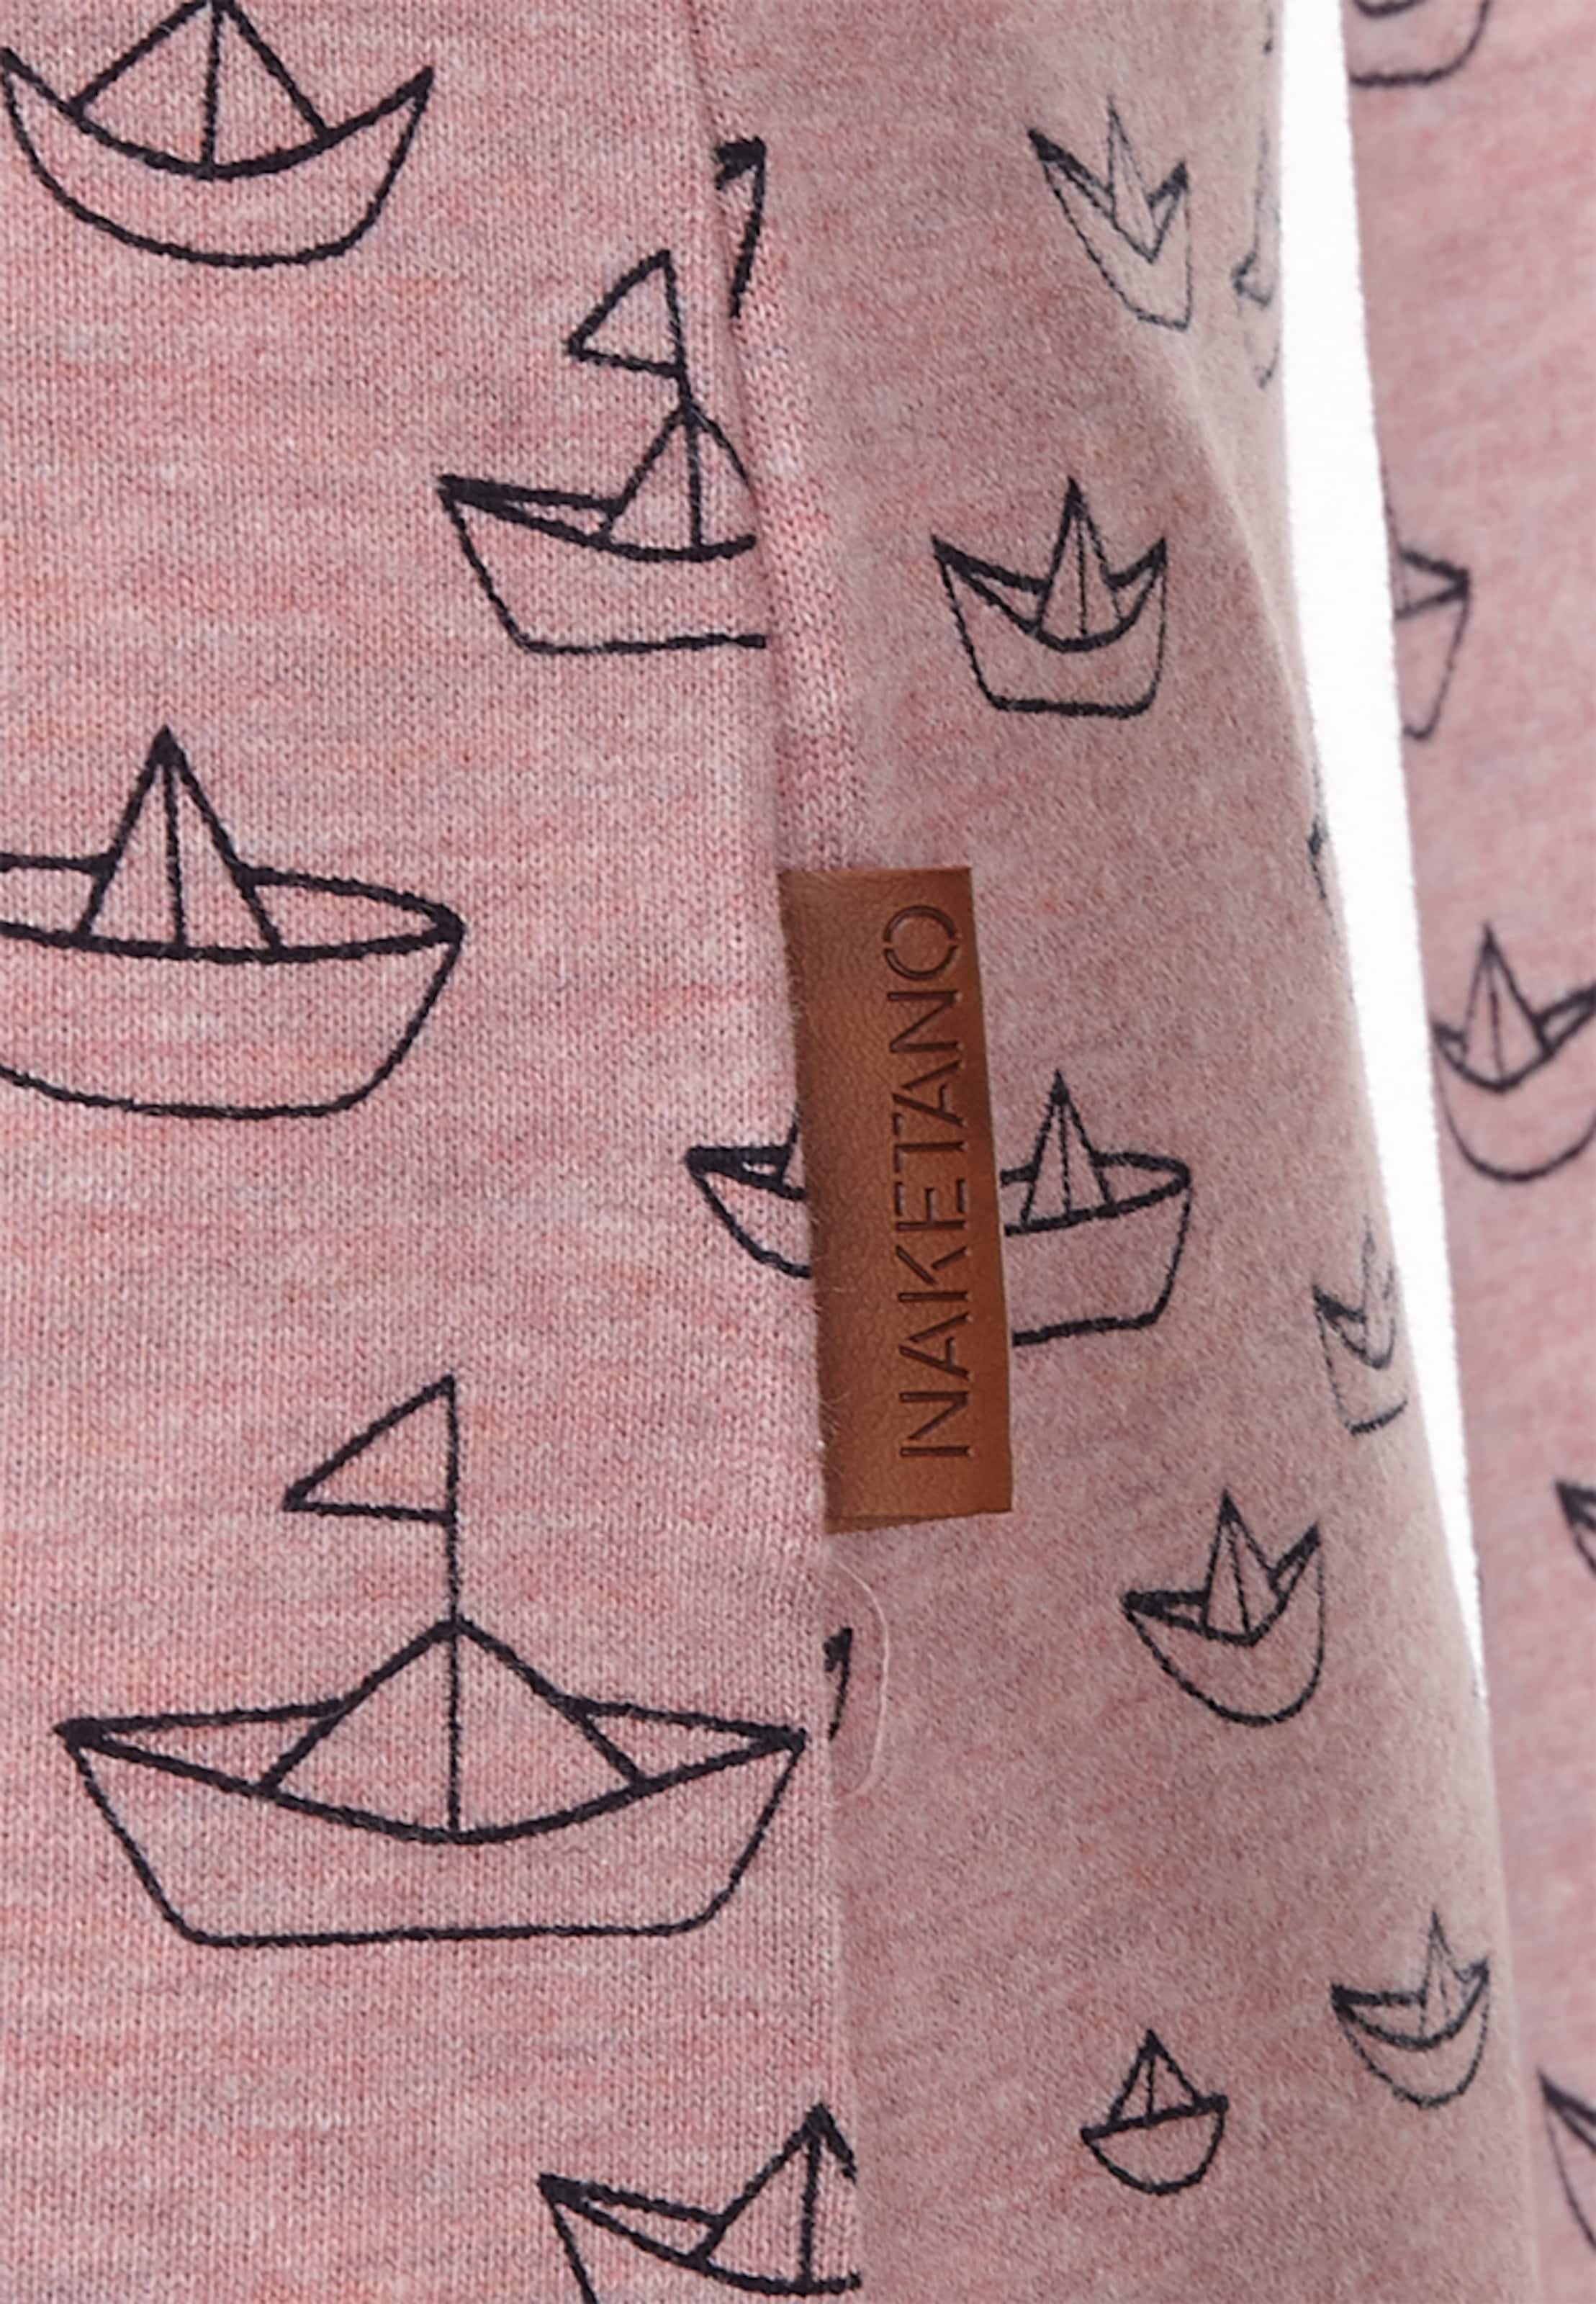 naketano Sweatshirt 'Wollüstiges Turngerät' Billig Verkaufen Billigsten Wo Billige Echte Kaufen Billig Rabatt Authentisch QgF5KUgX